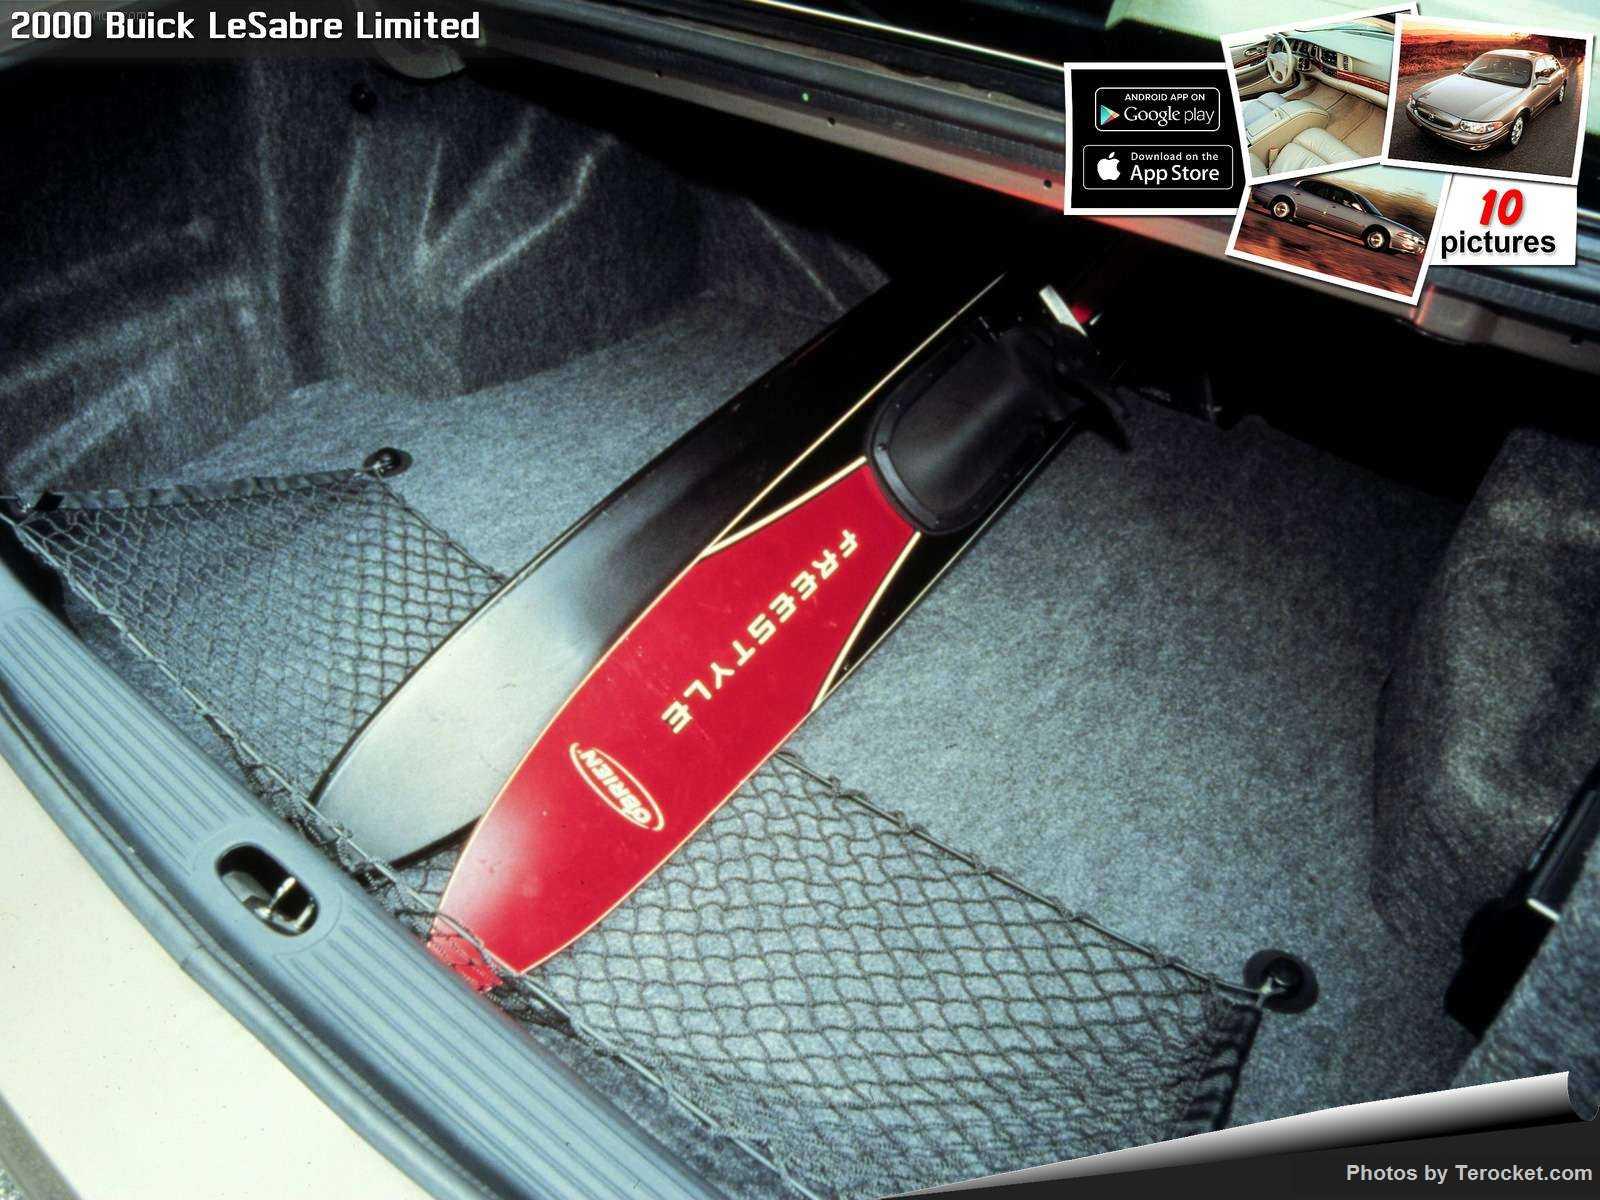 Hình ảnh xe ô tô Buick LeSabre Limited 2000 & nội ngoại thất